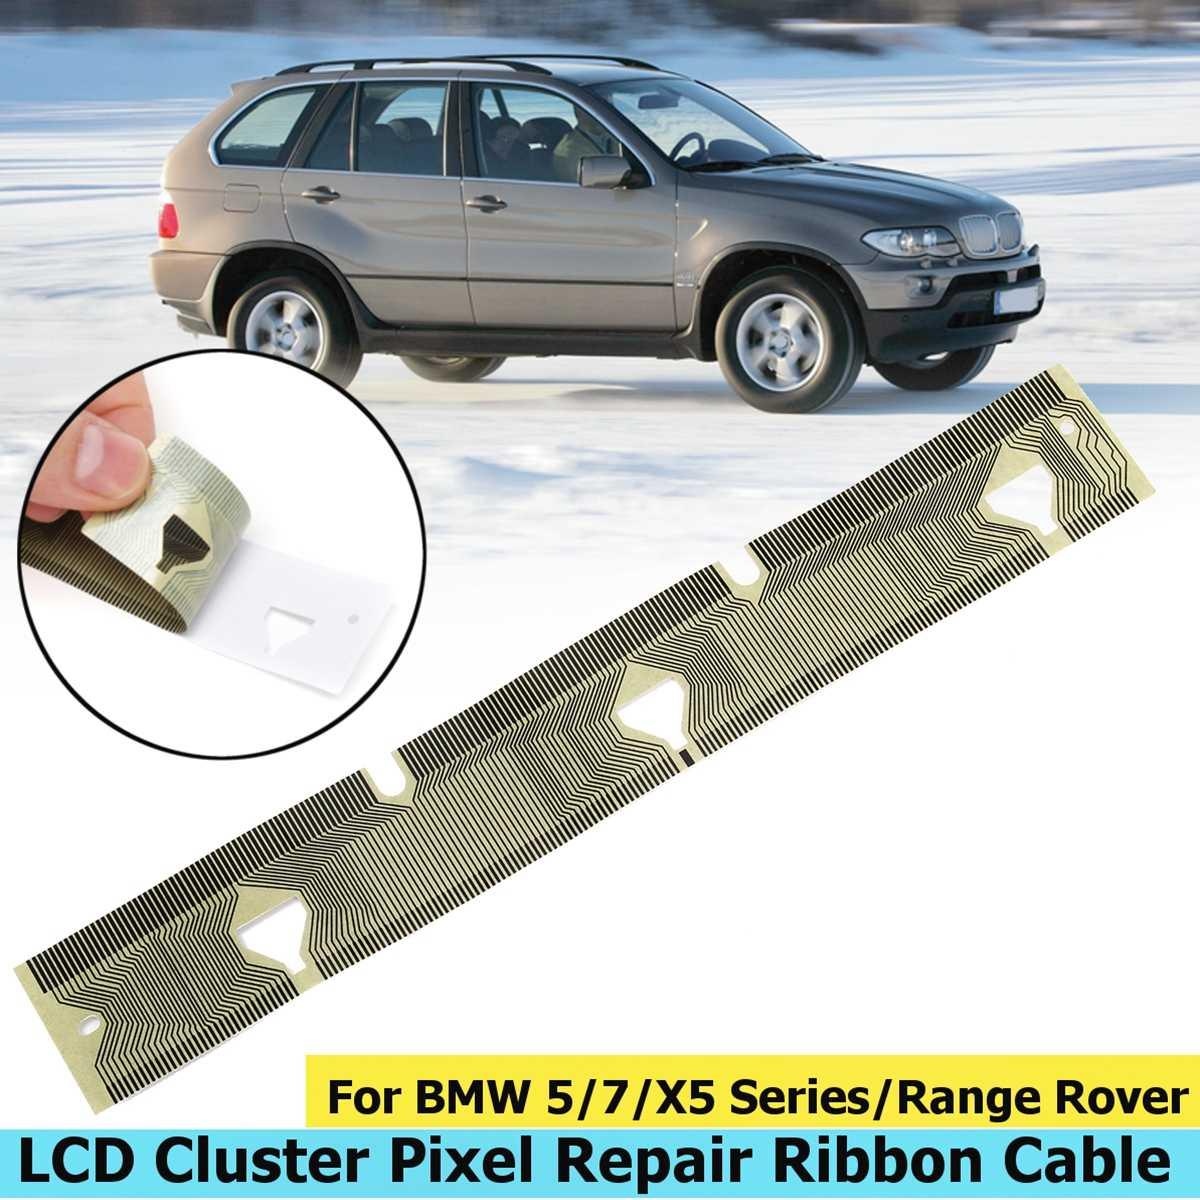 1 pc tableau de bord tableau de bord tableau de bord LCD affichage câble ruban pour BMW E38 Pixel réparation E39 E53 X5 compteur de vitesse